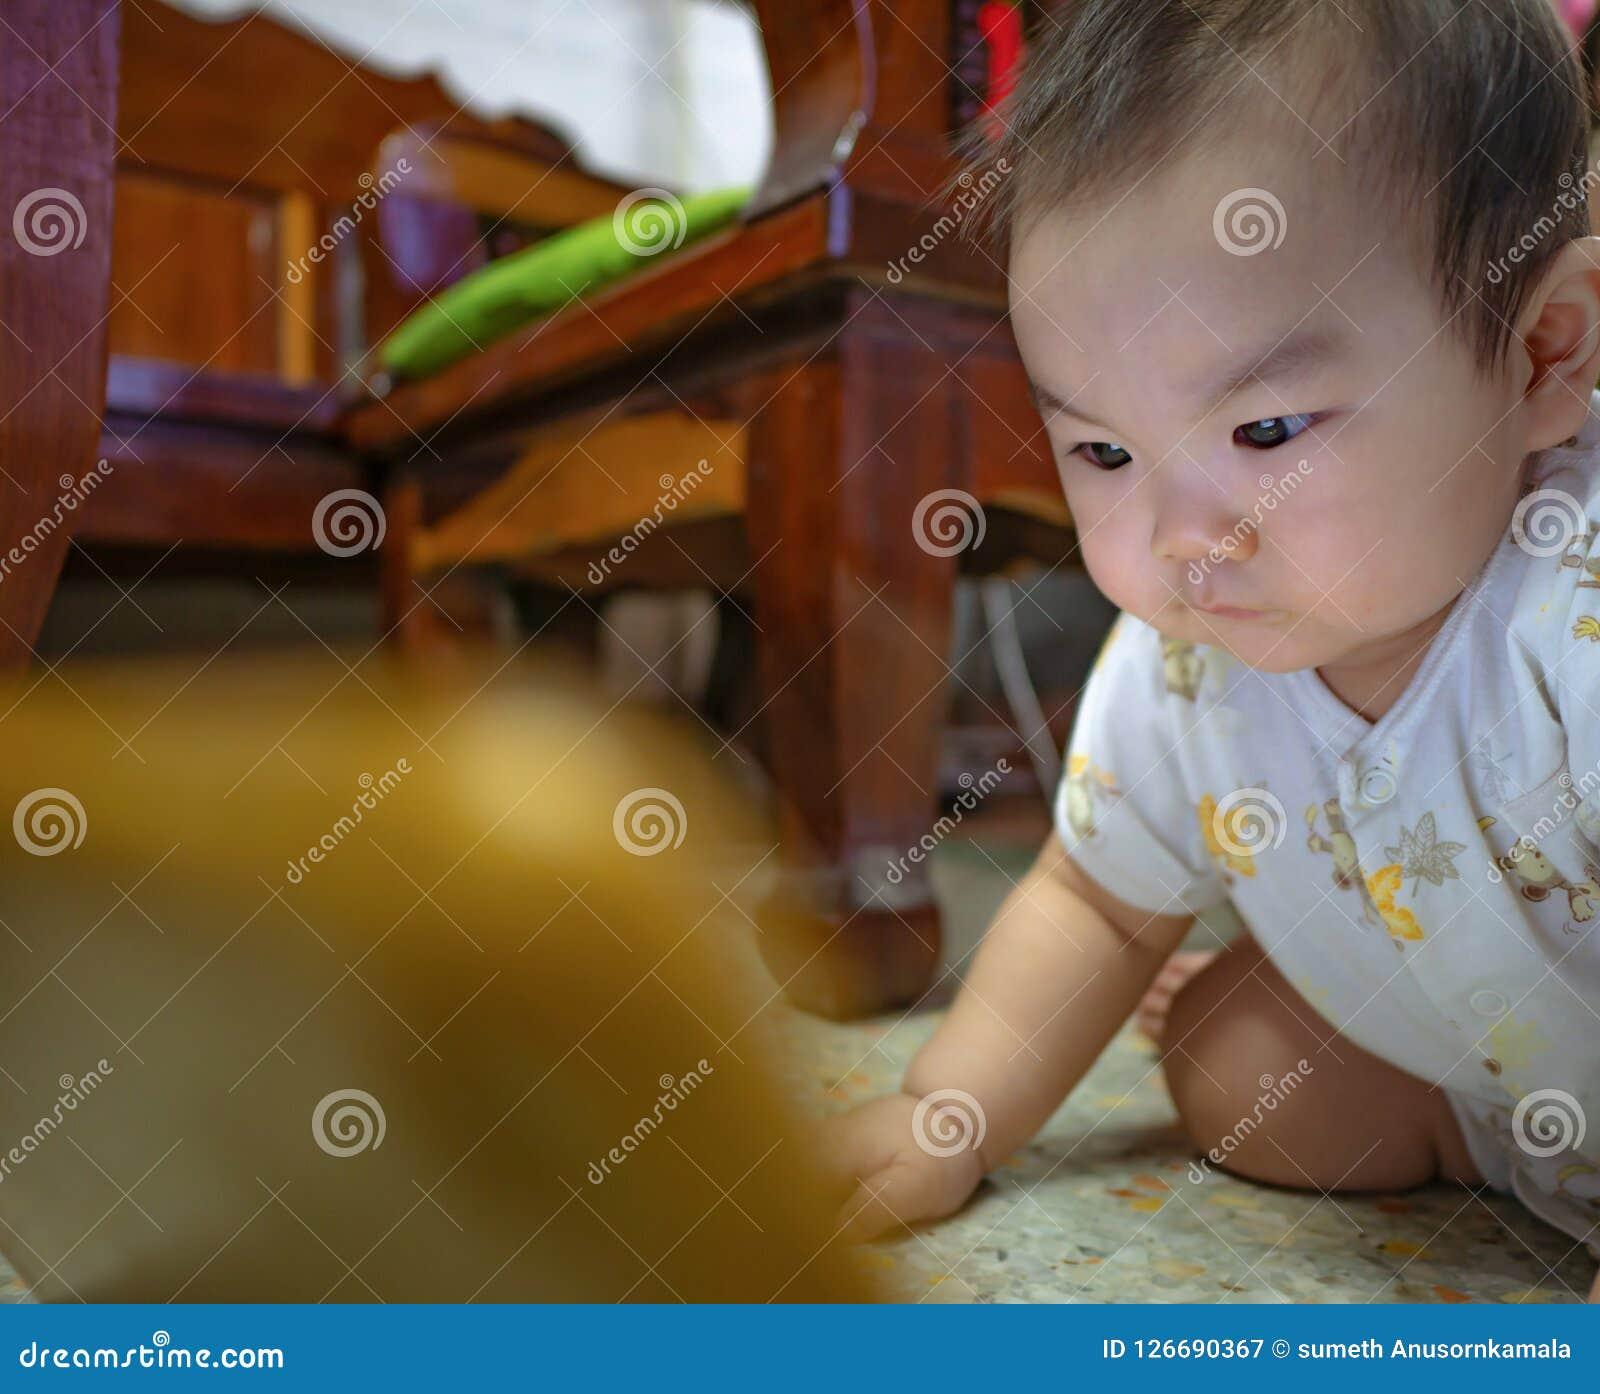 Cutie behandla som ett barn den asiatiska mannen mycket allvarligt och blick på minnestavlan